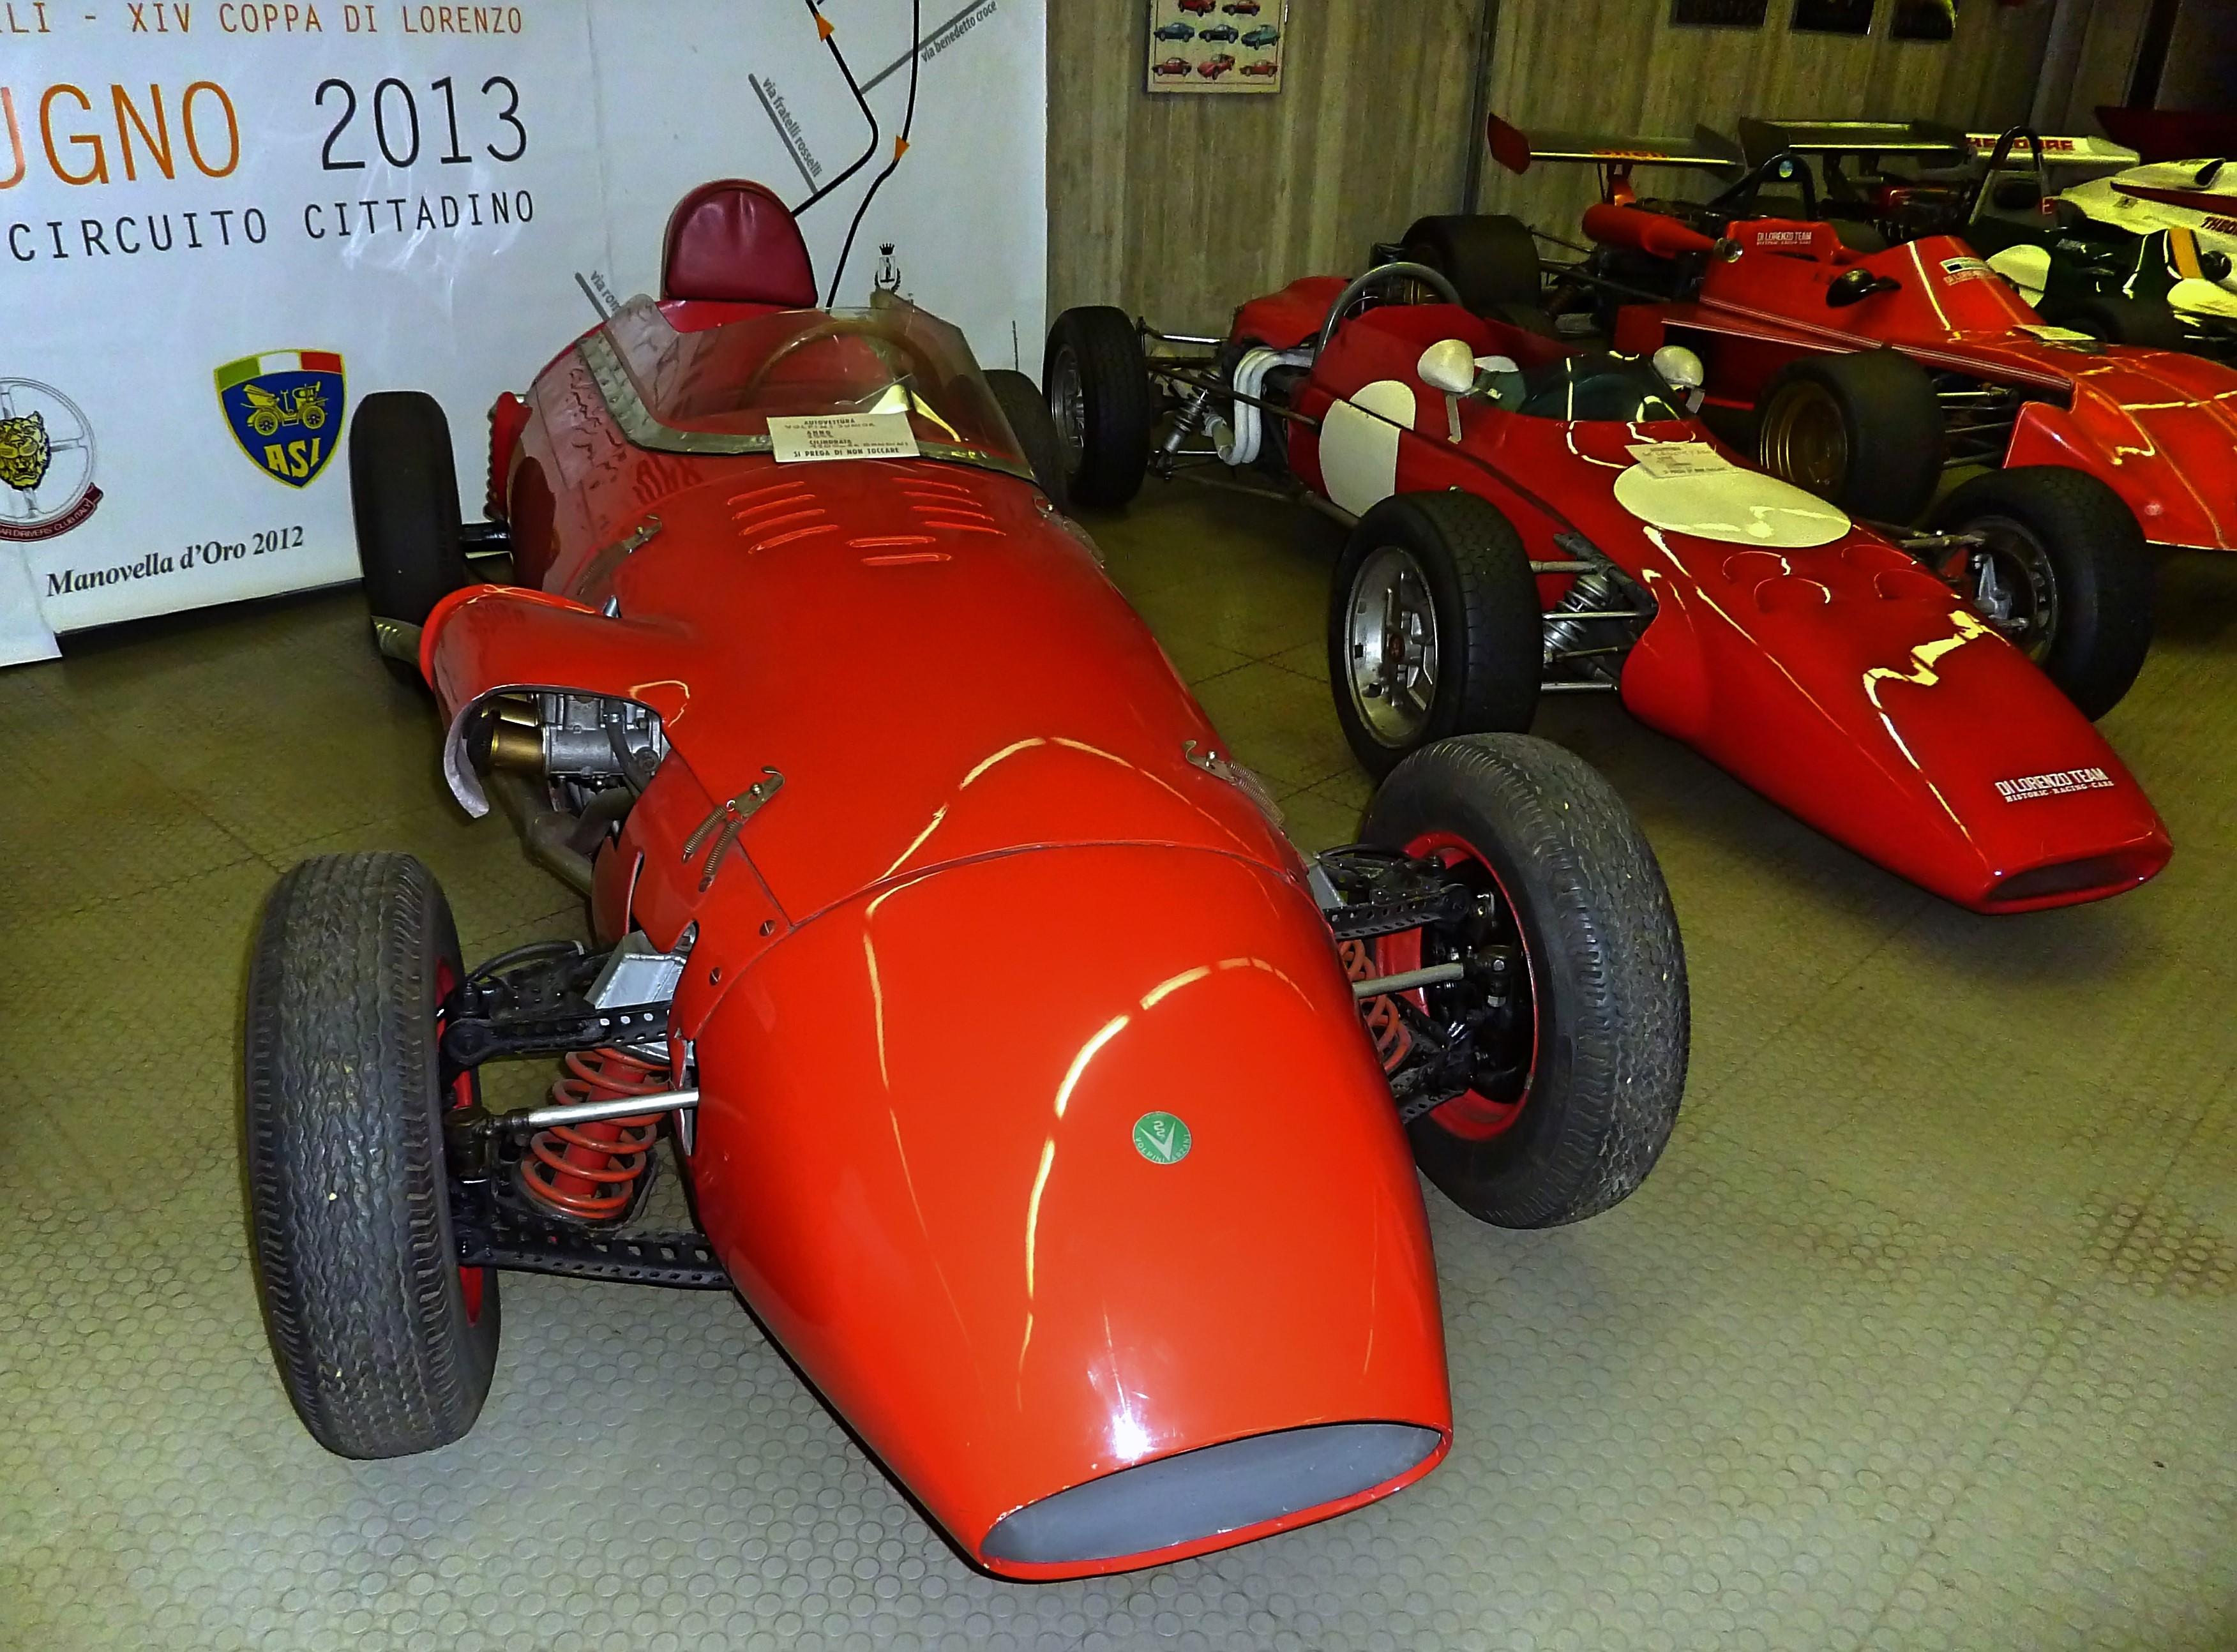 1st Circuito Di Avezzano 2013 (3)